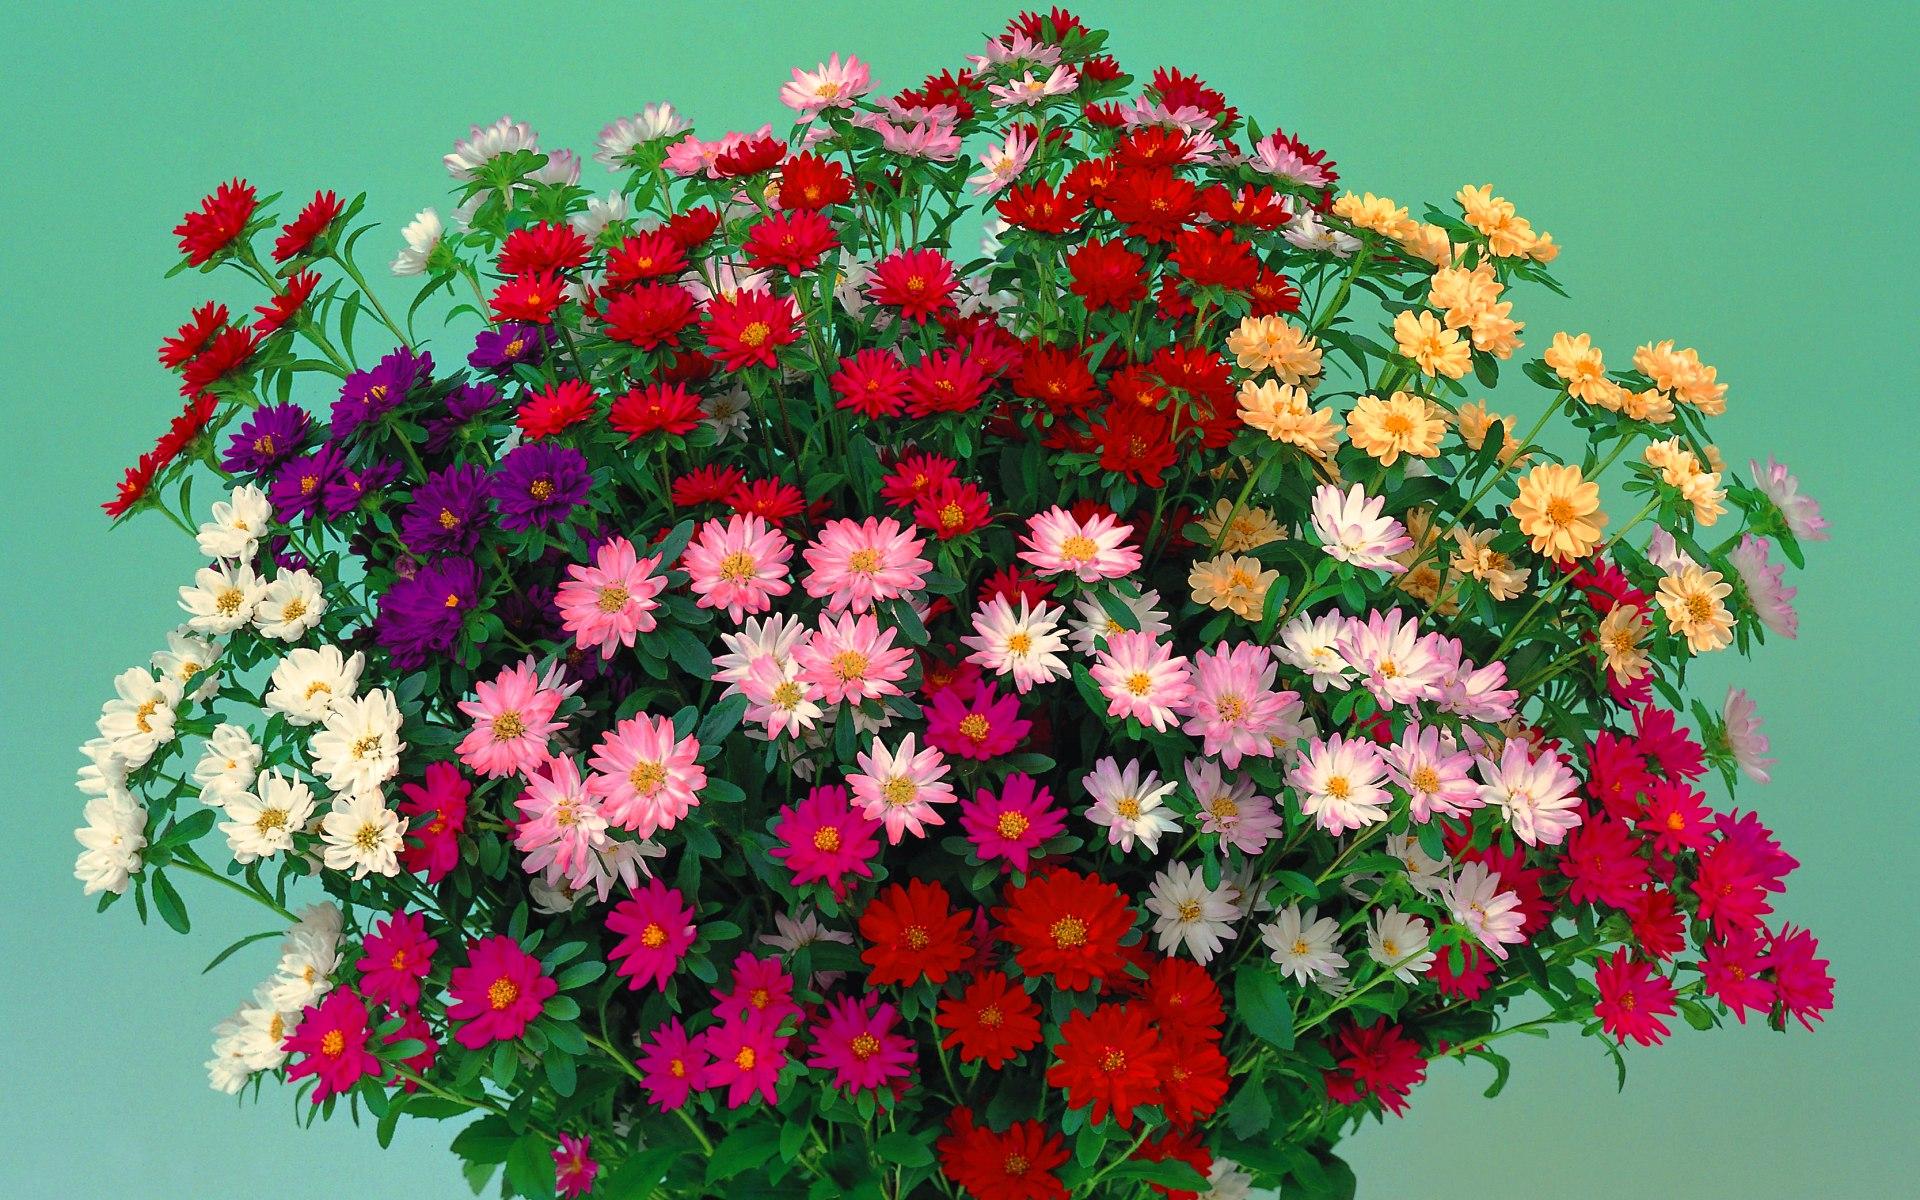 Скачать бесплатно картинки букеты живых цветов 10